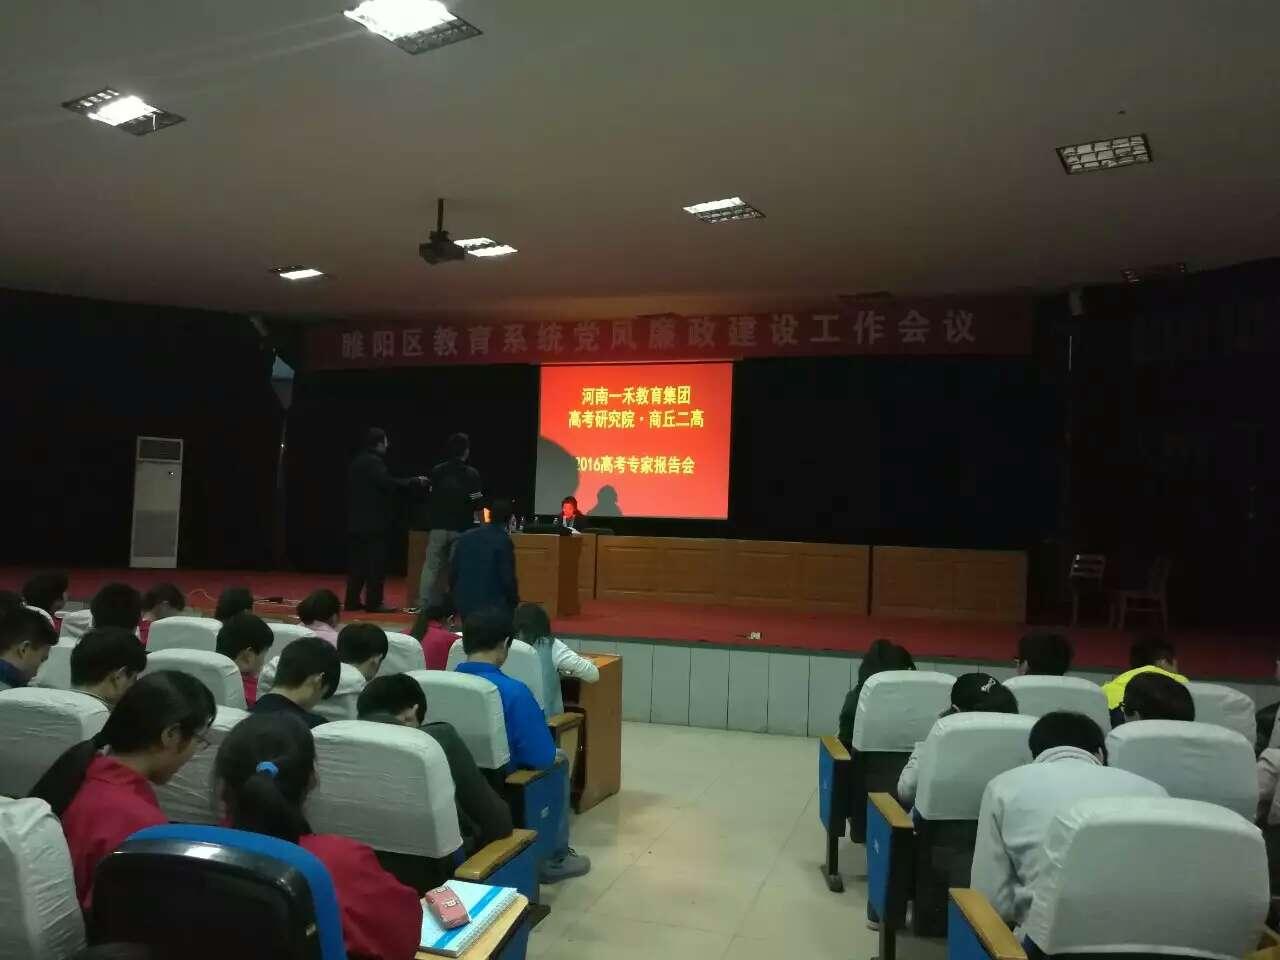 河南必威官方网页必威中国网站集团2016年在商丘二高举行专家讲座